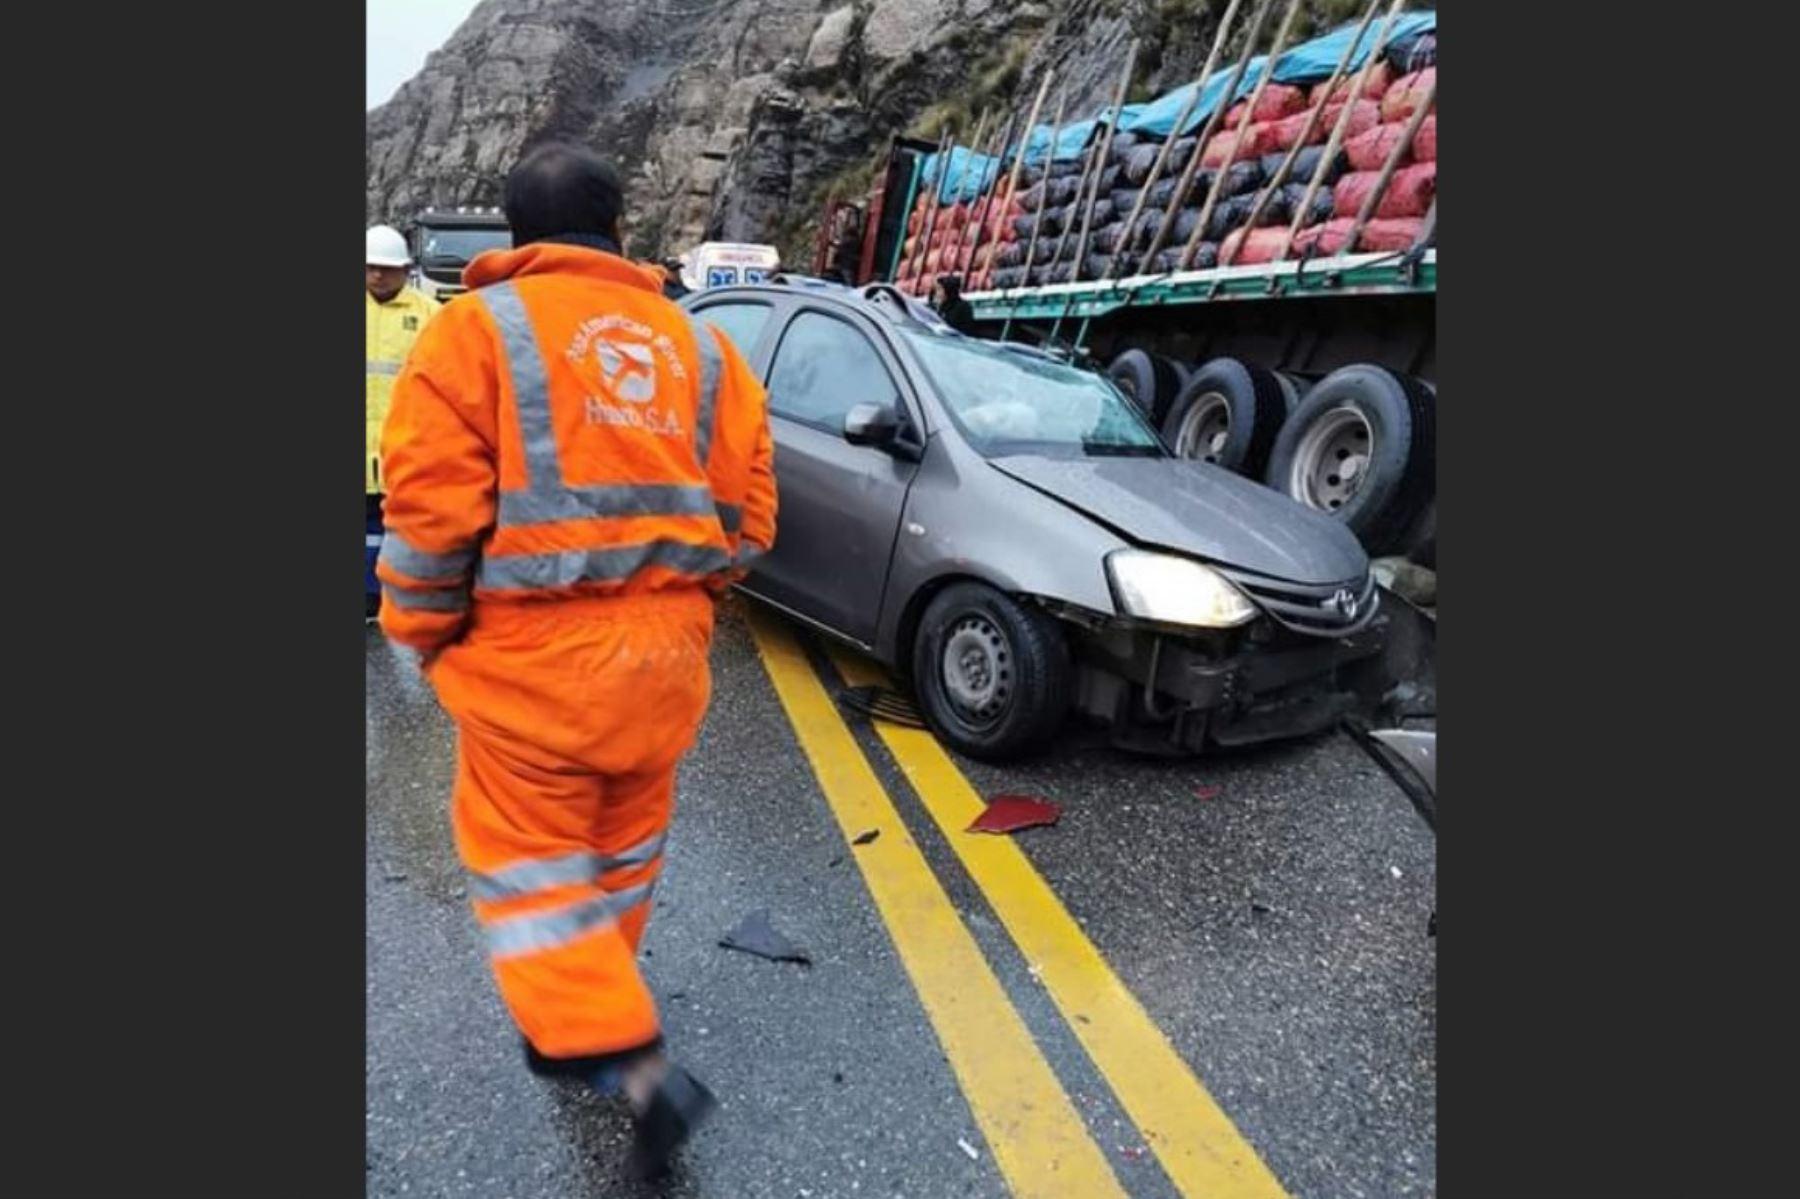 Tres personas mueren y otras tres resultan heridas en accidente de tránsito registrado en la carretera Central, a la altura del distrito de Morococha, provincia de Yauli-La Oroya. Foto: Pedro Tinoco